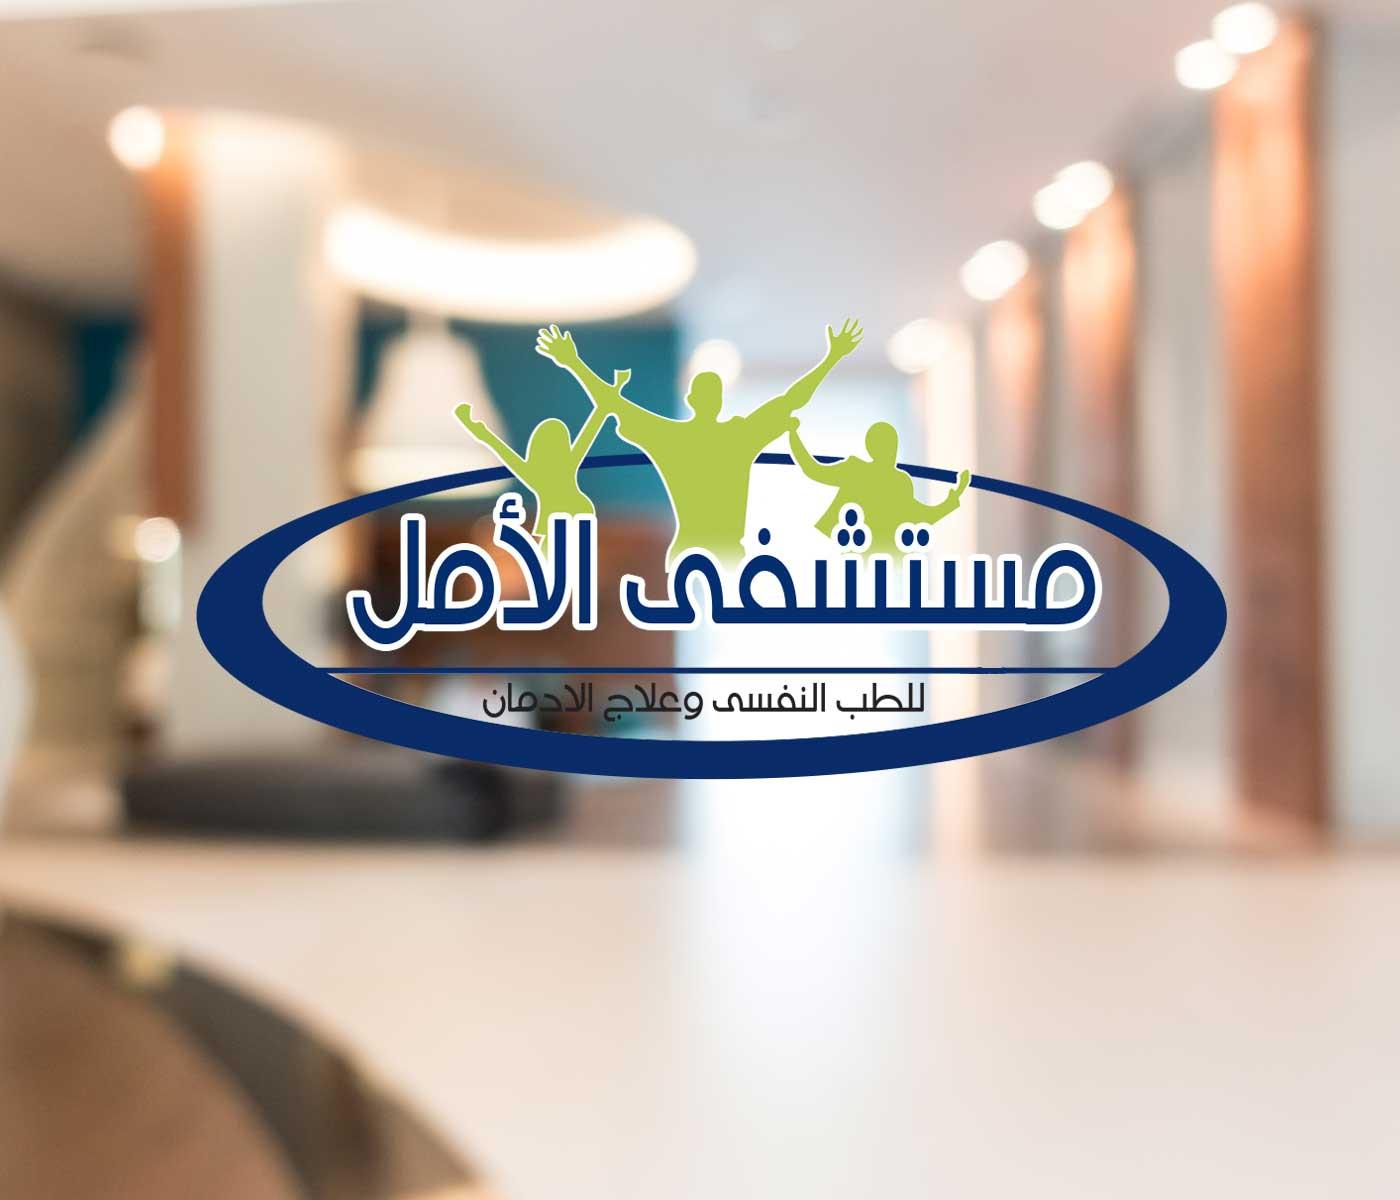 مستشفى الأمل للطب النفسى وعلاج الادمان، هى المؤسسة الرائدة فى مجال علاج الادمان والطب النفسى، منذ سنة 1999